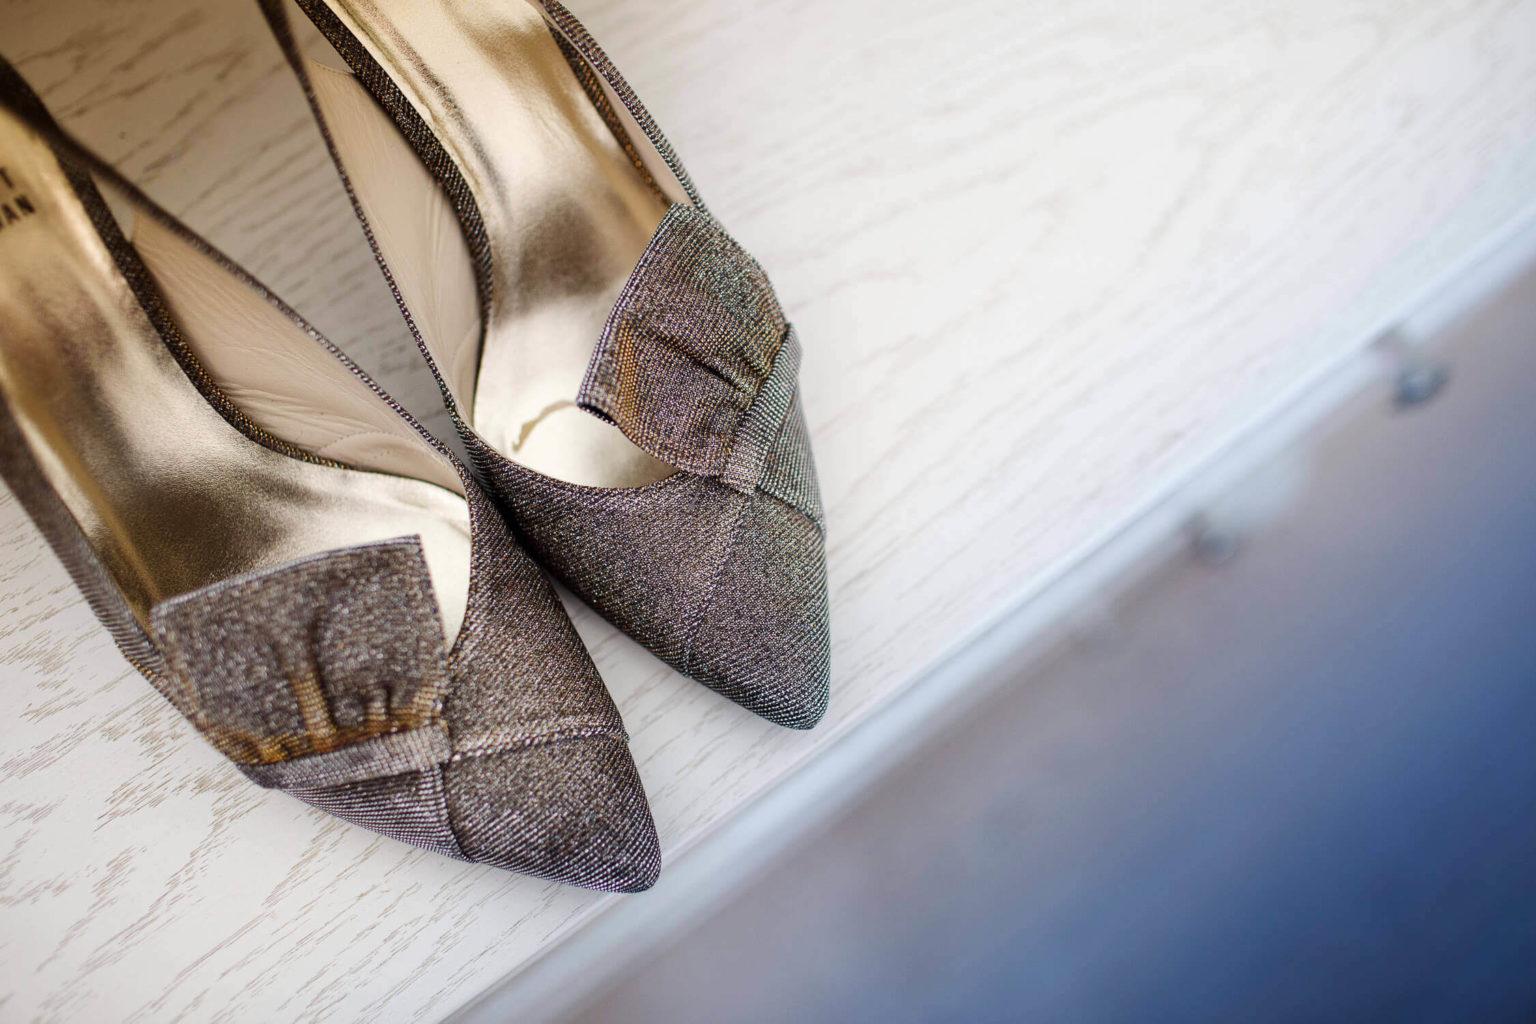 dettaglio scarpe sposa, foto per matrimonio di Nino Lombardo